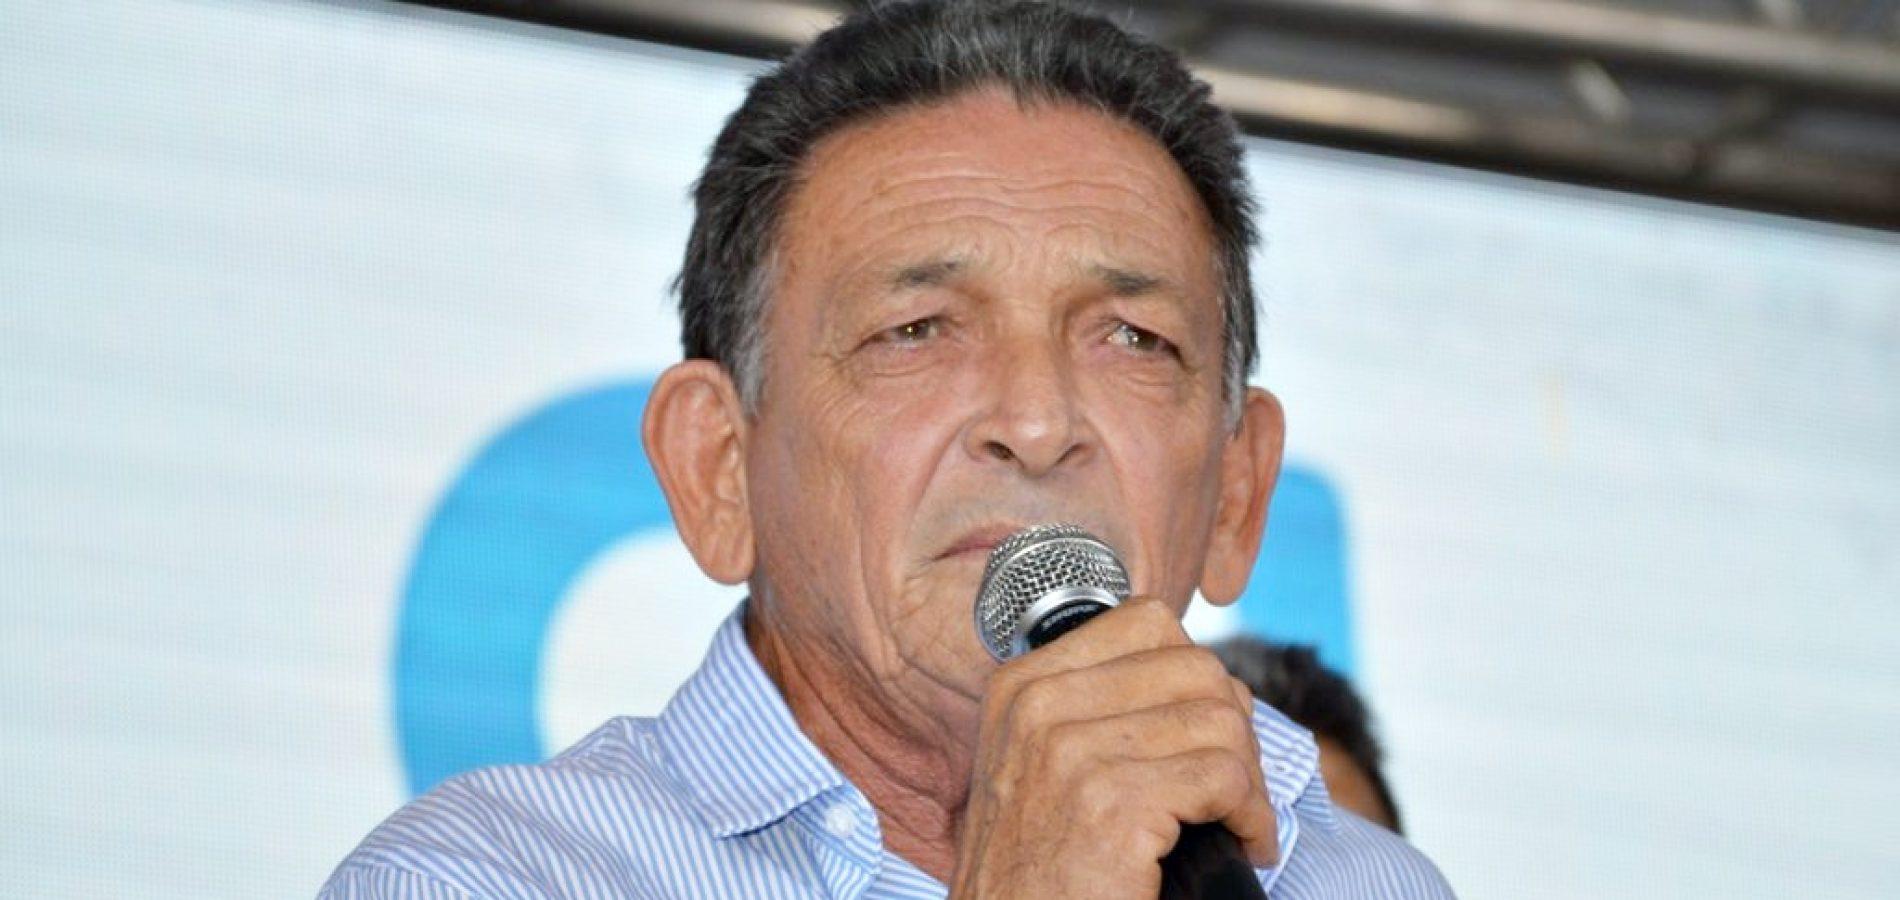 Pesquisa do Instituto Opinar aponta Gil Paraibano com 62,2% contra 24,7% do segundo colocado